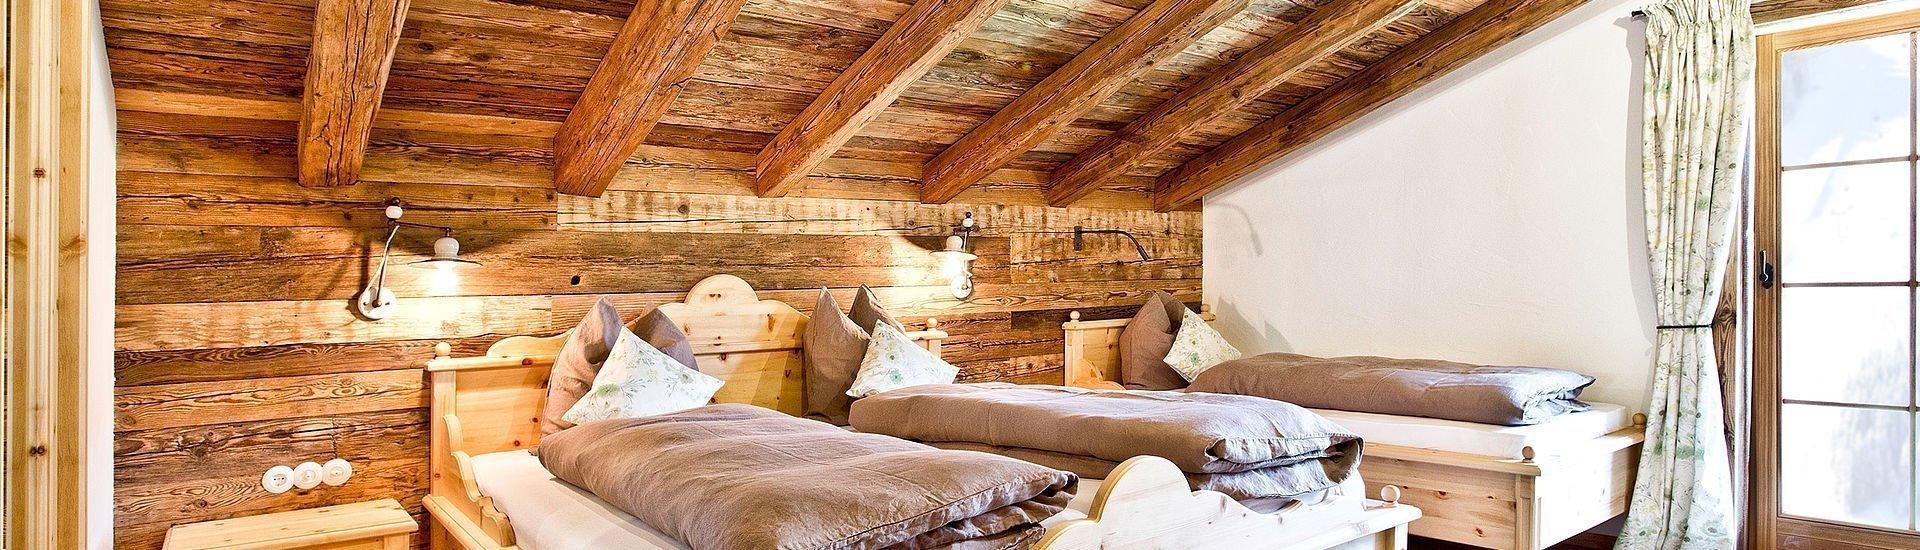 Schlafzimmer in der Hütte | Saalbach